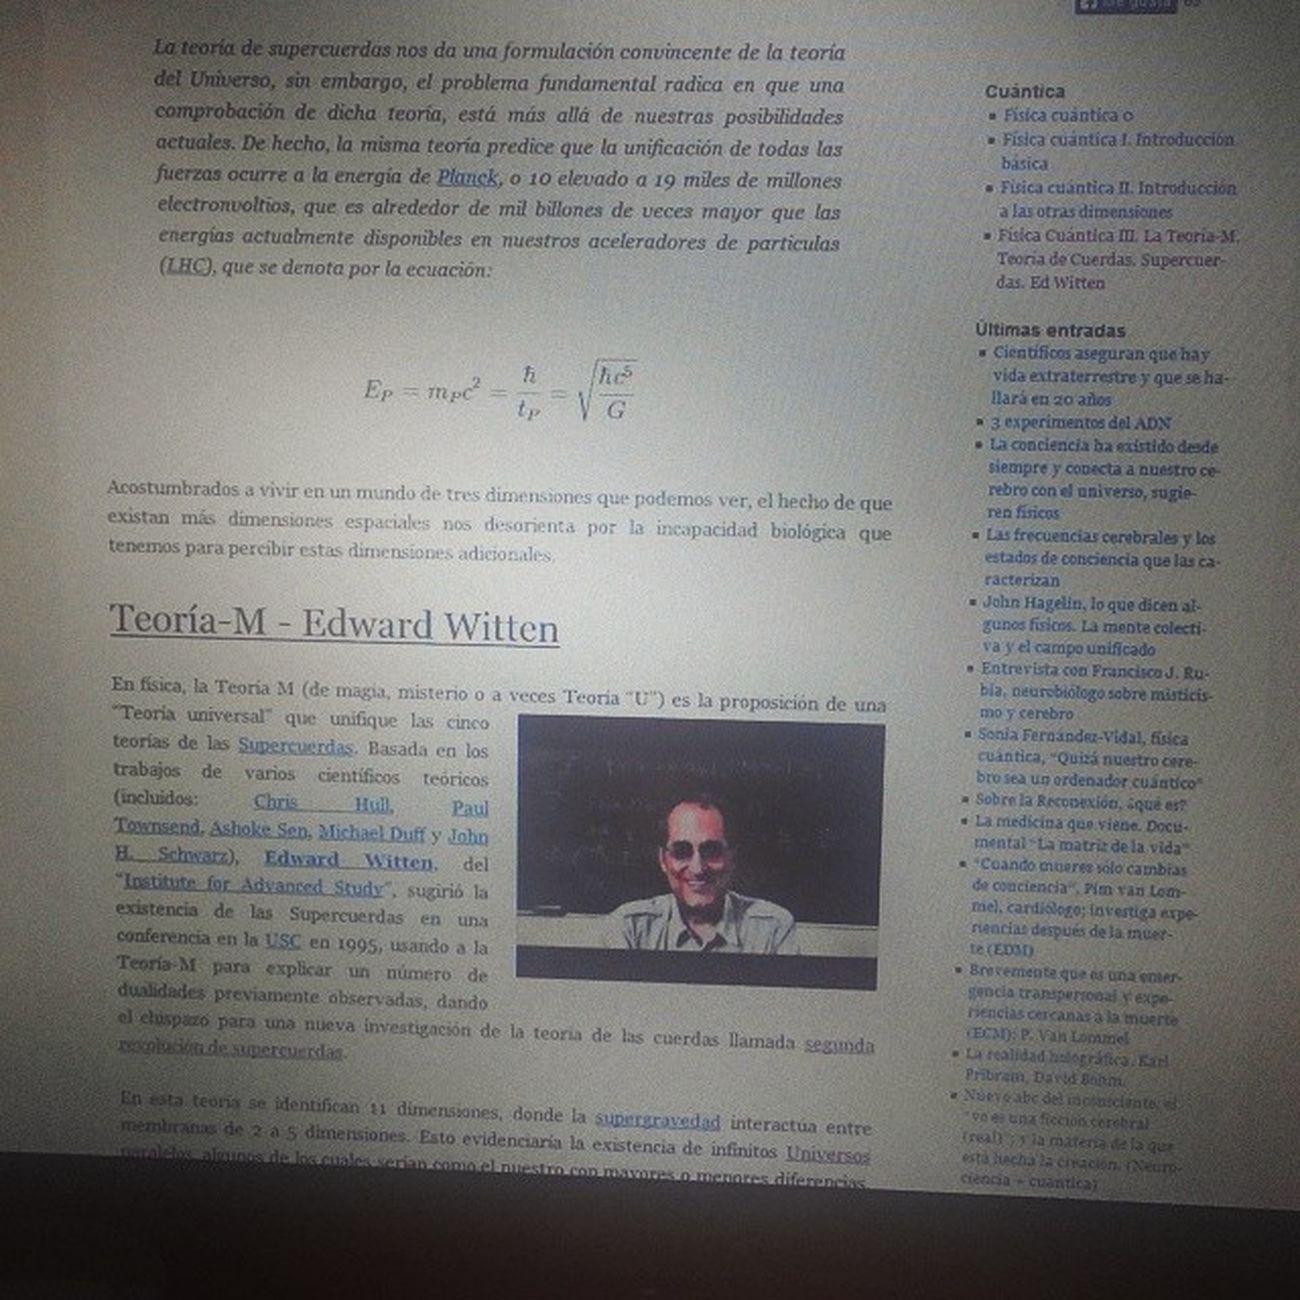 Ramanujan sentó las bases en algunos aspectos de la teoría de cuerdas del modelo m de Ed Witten! Cuerdas M Ramanujan Witten